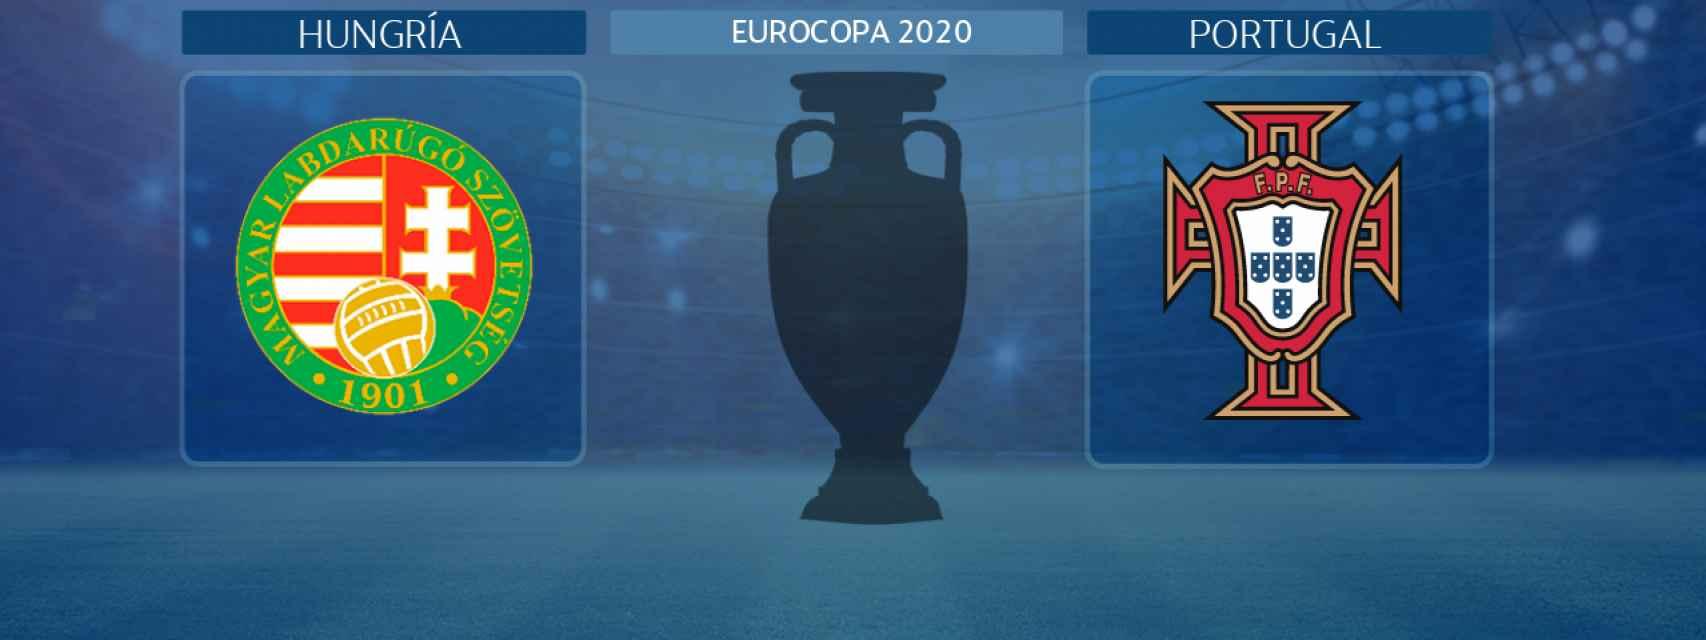 Hungría - Portugal, partido de la Eurocopa 2020